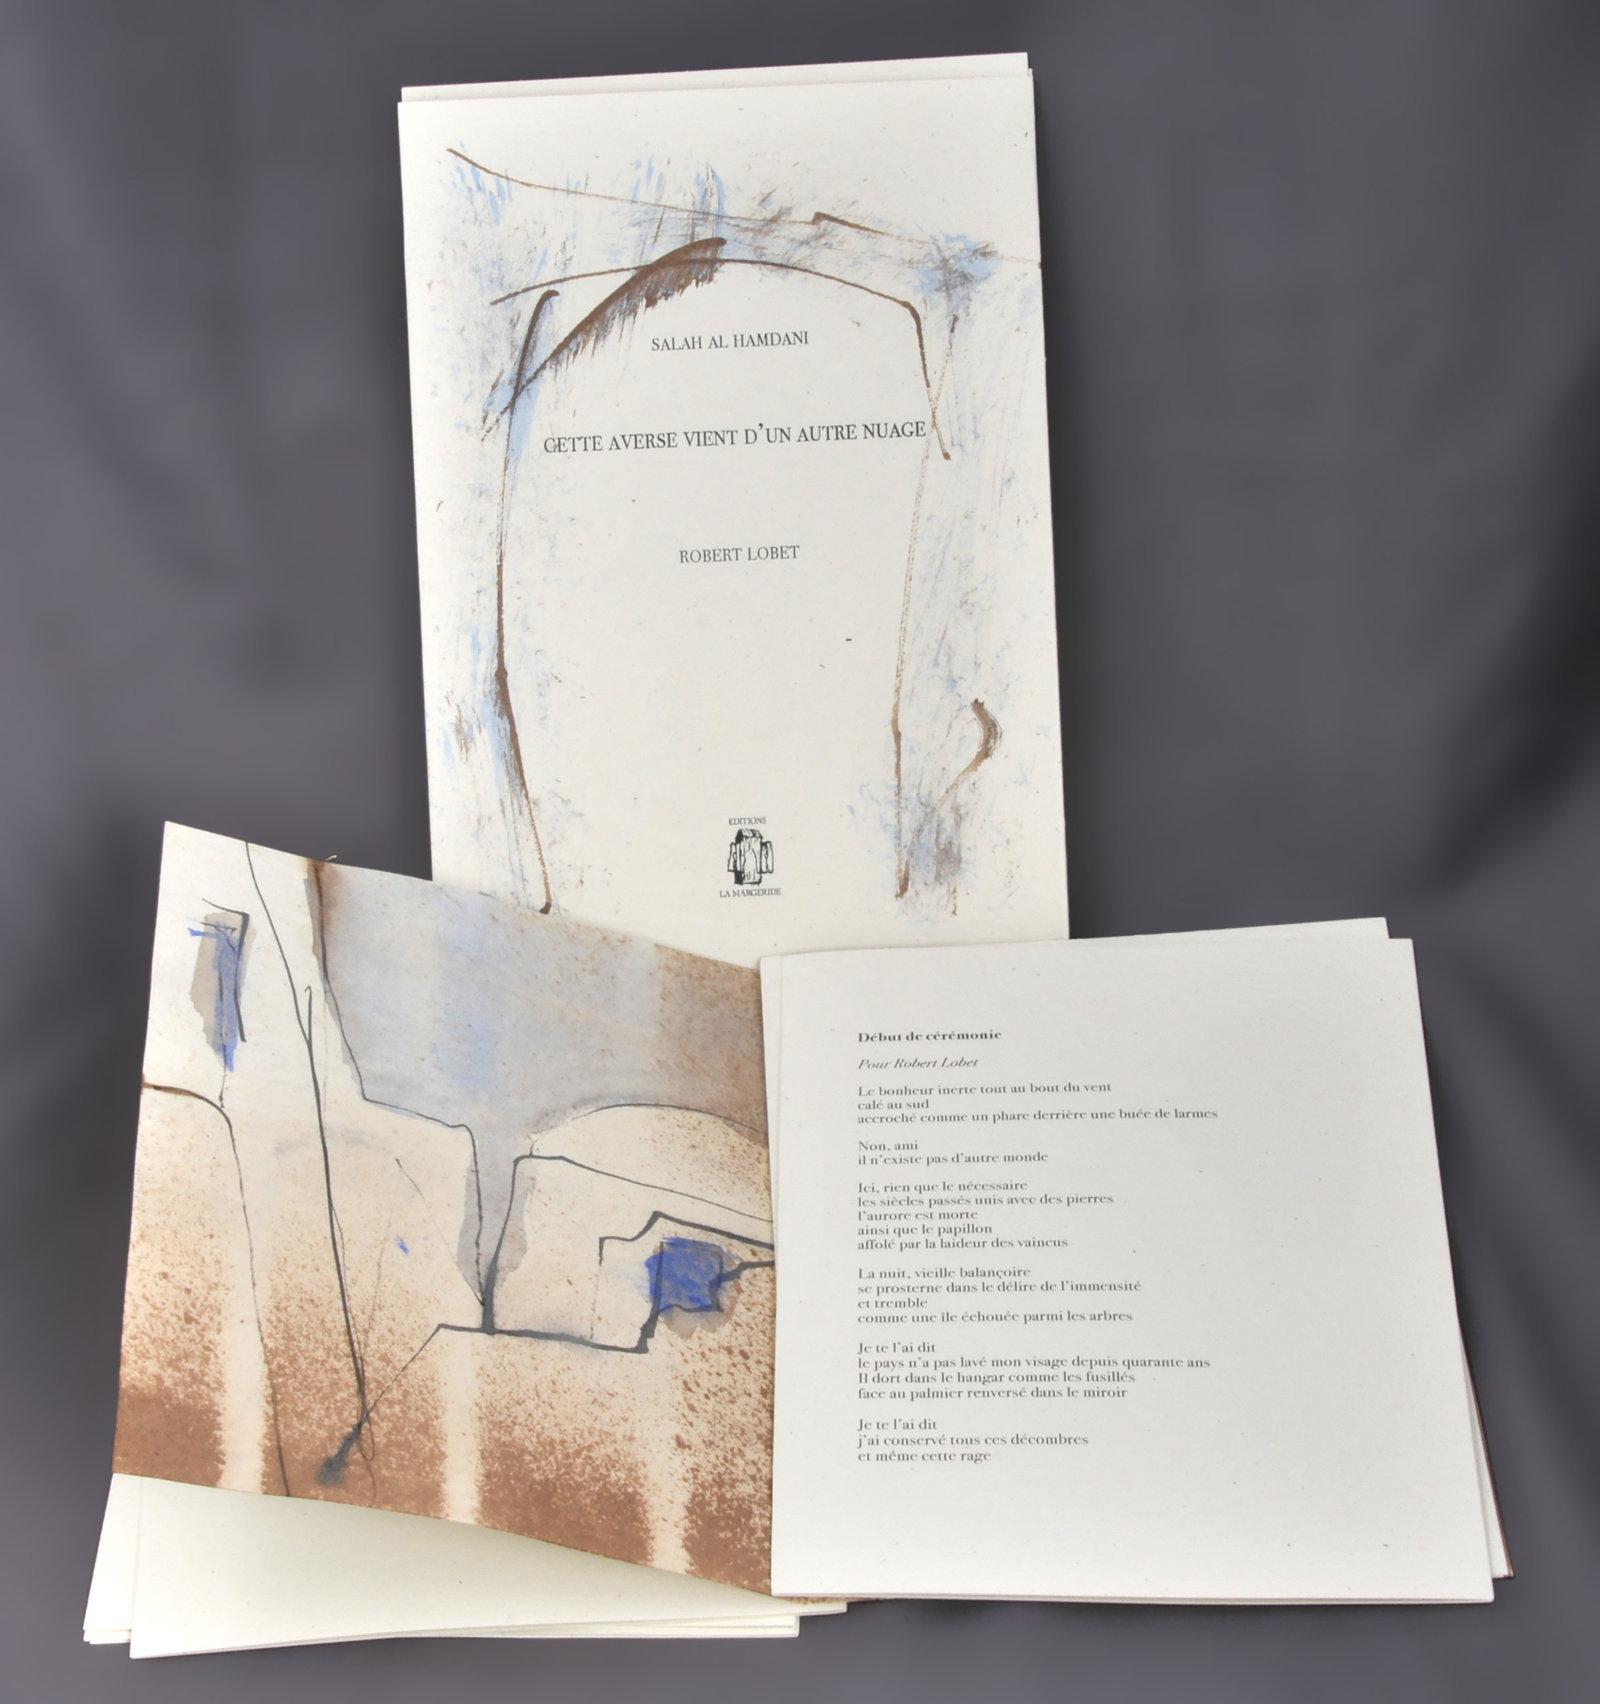 Cette averse vient d'un autre nuage ou Bagdad, désespérément | Hamdani, Salah al- (1951-....). Auteur